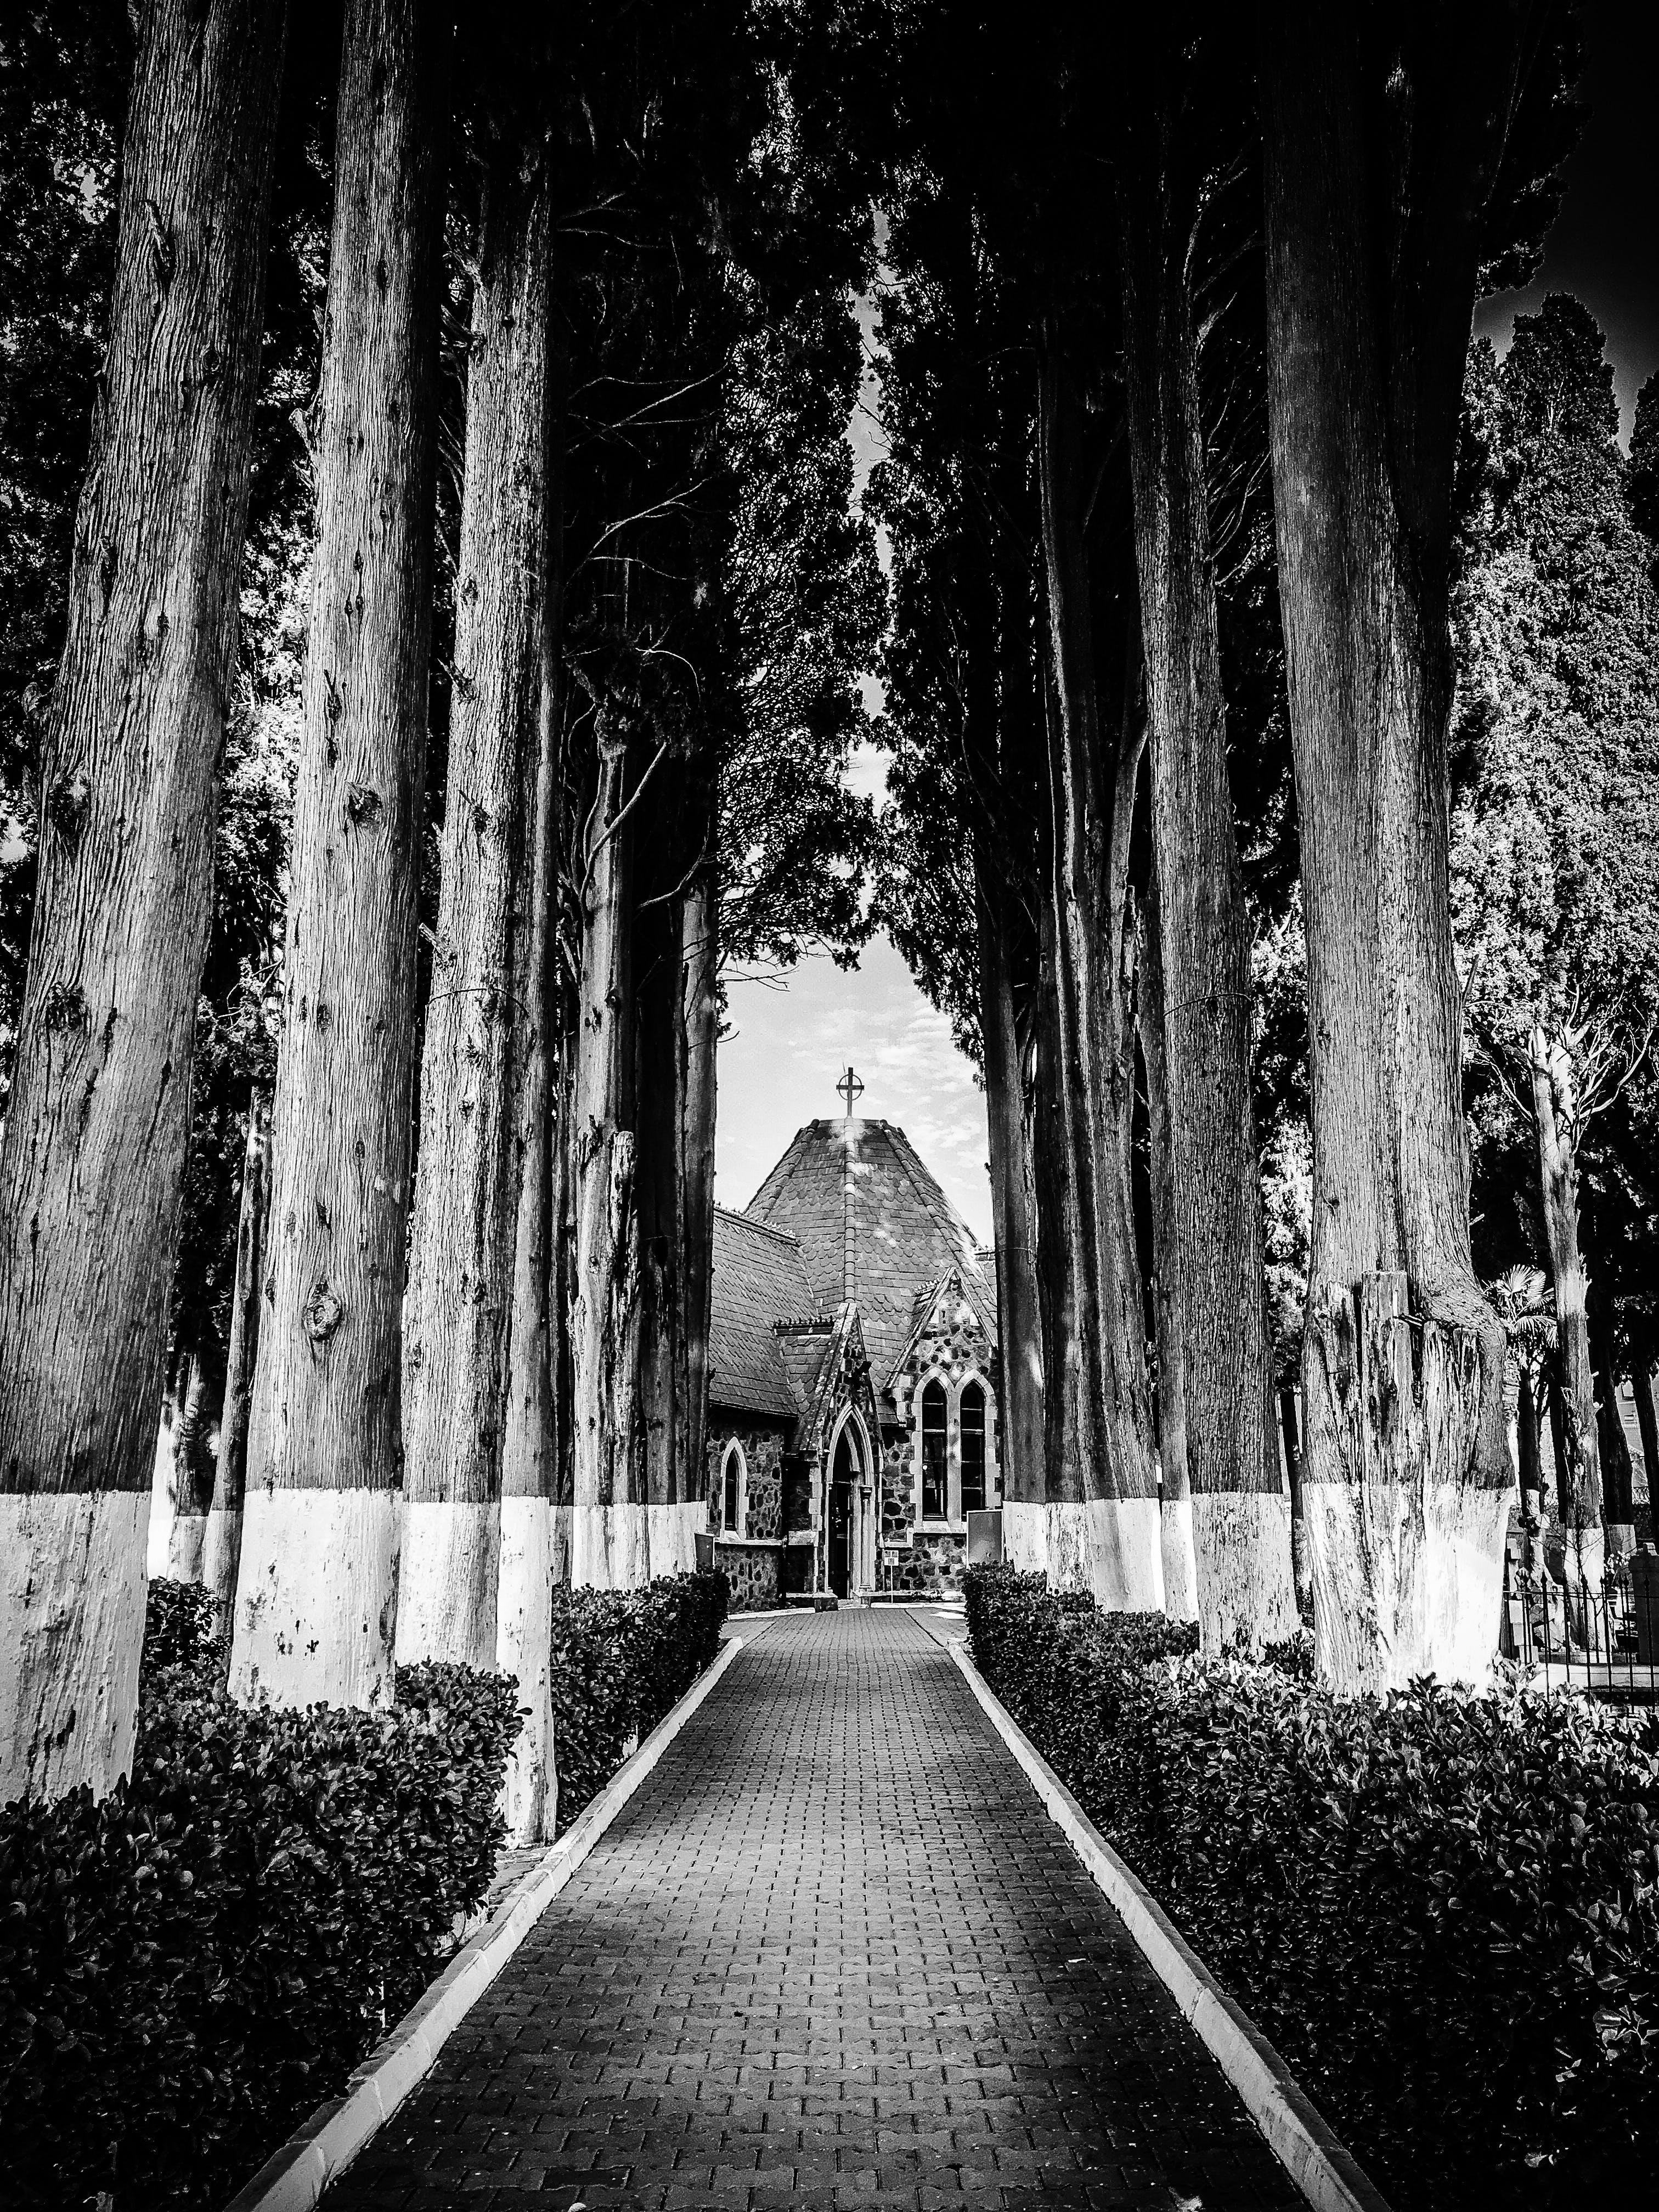 Kostenloses Stock Foto zu architektur, bäume, baumstämme, draußen